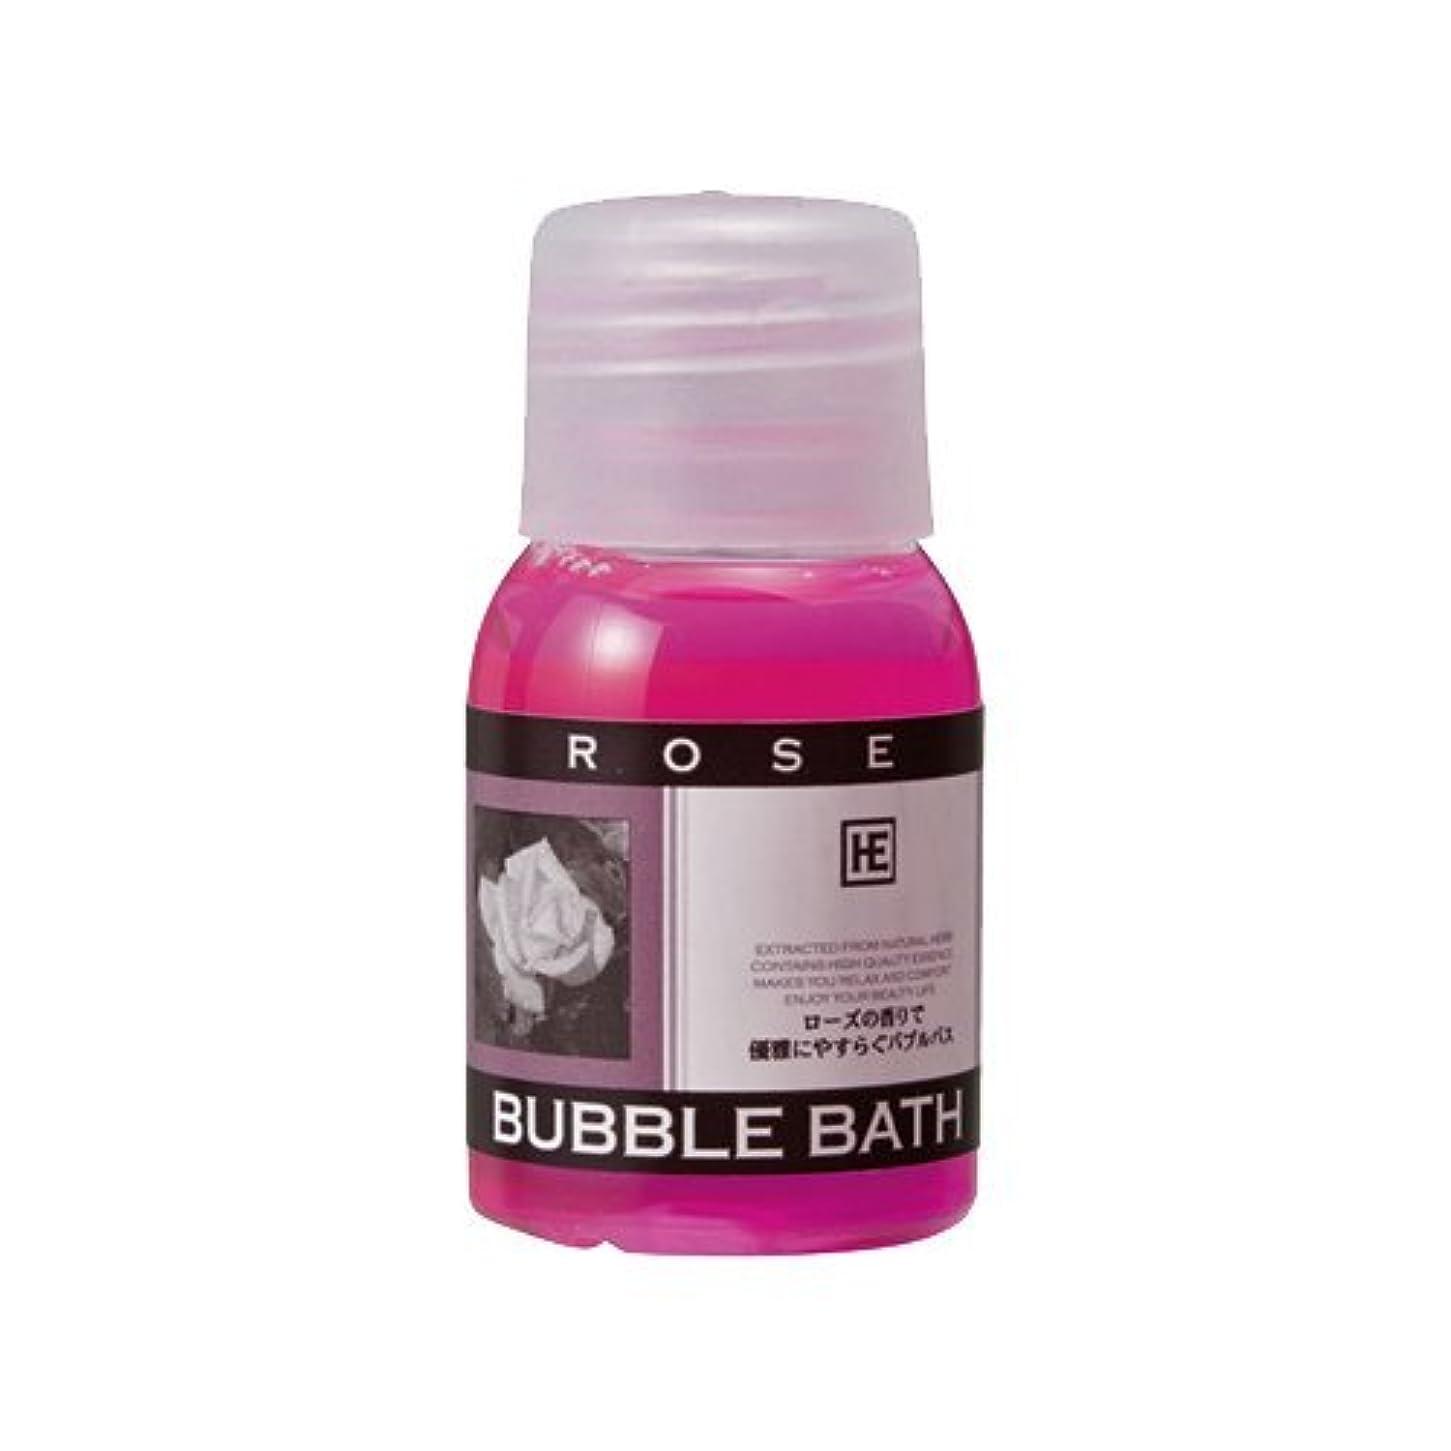 一晩合唱団保証ハーバルエクストラ バブルバス ミニボトル ローズの香り - ホテルアメニティ 業務用 発泡入浴剤 (BUBBLE BATH)